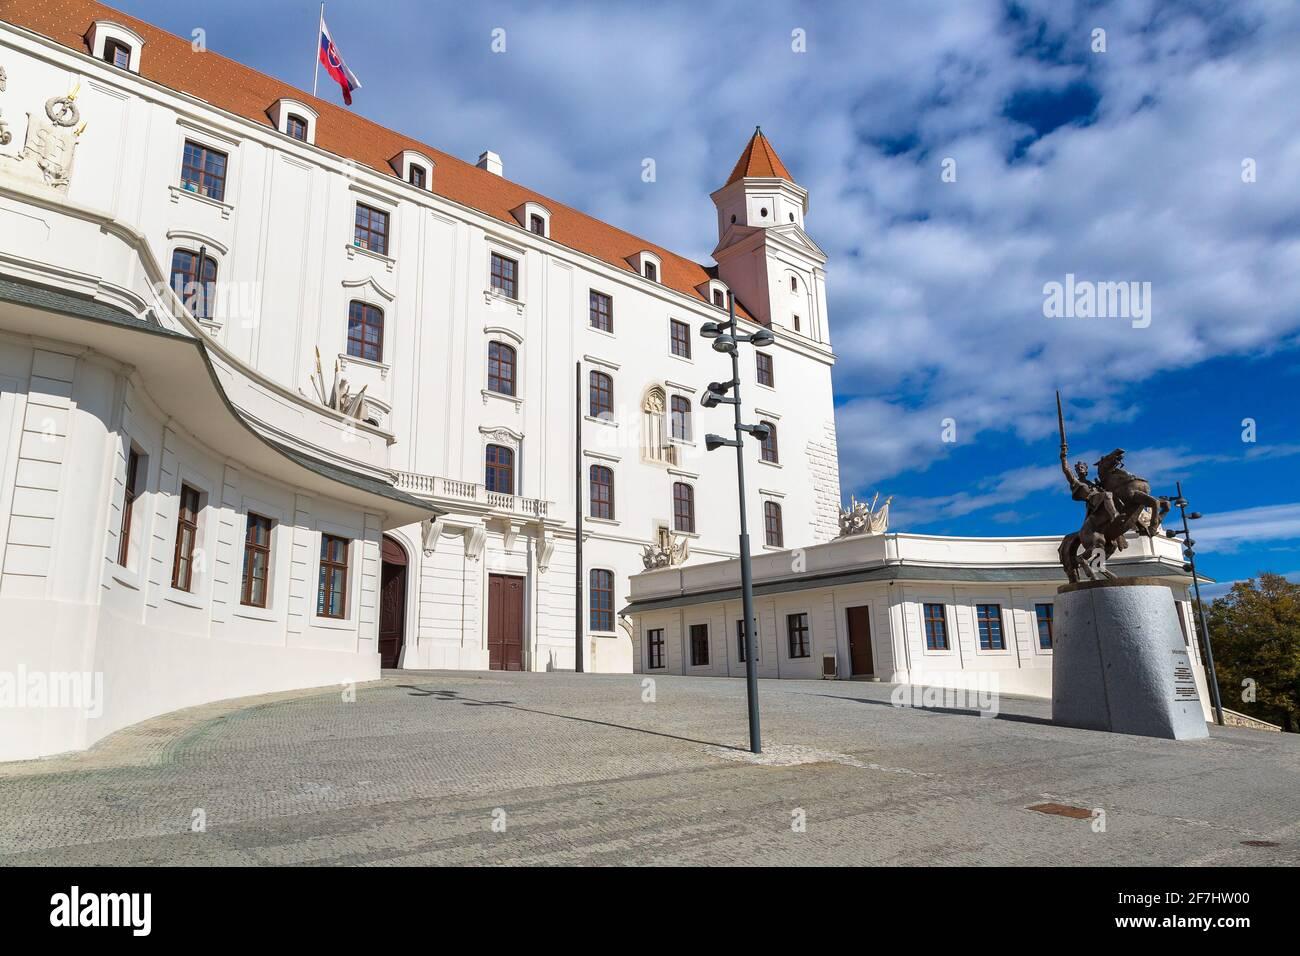 Castello medievale su una collina in una giornata estiva a Bratislava, Slovacchia Foto Stock